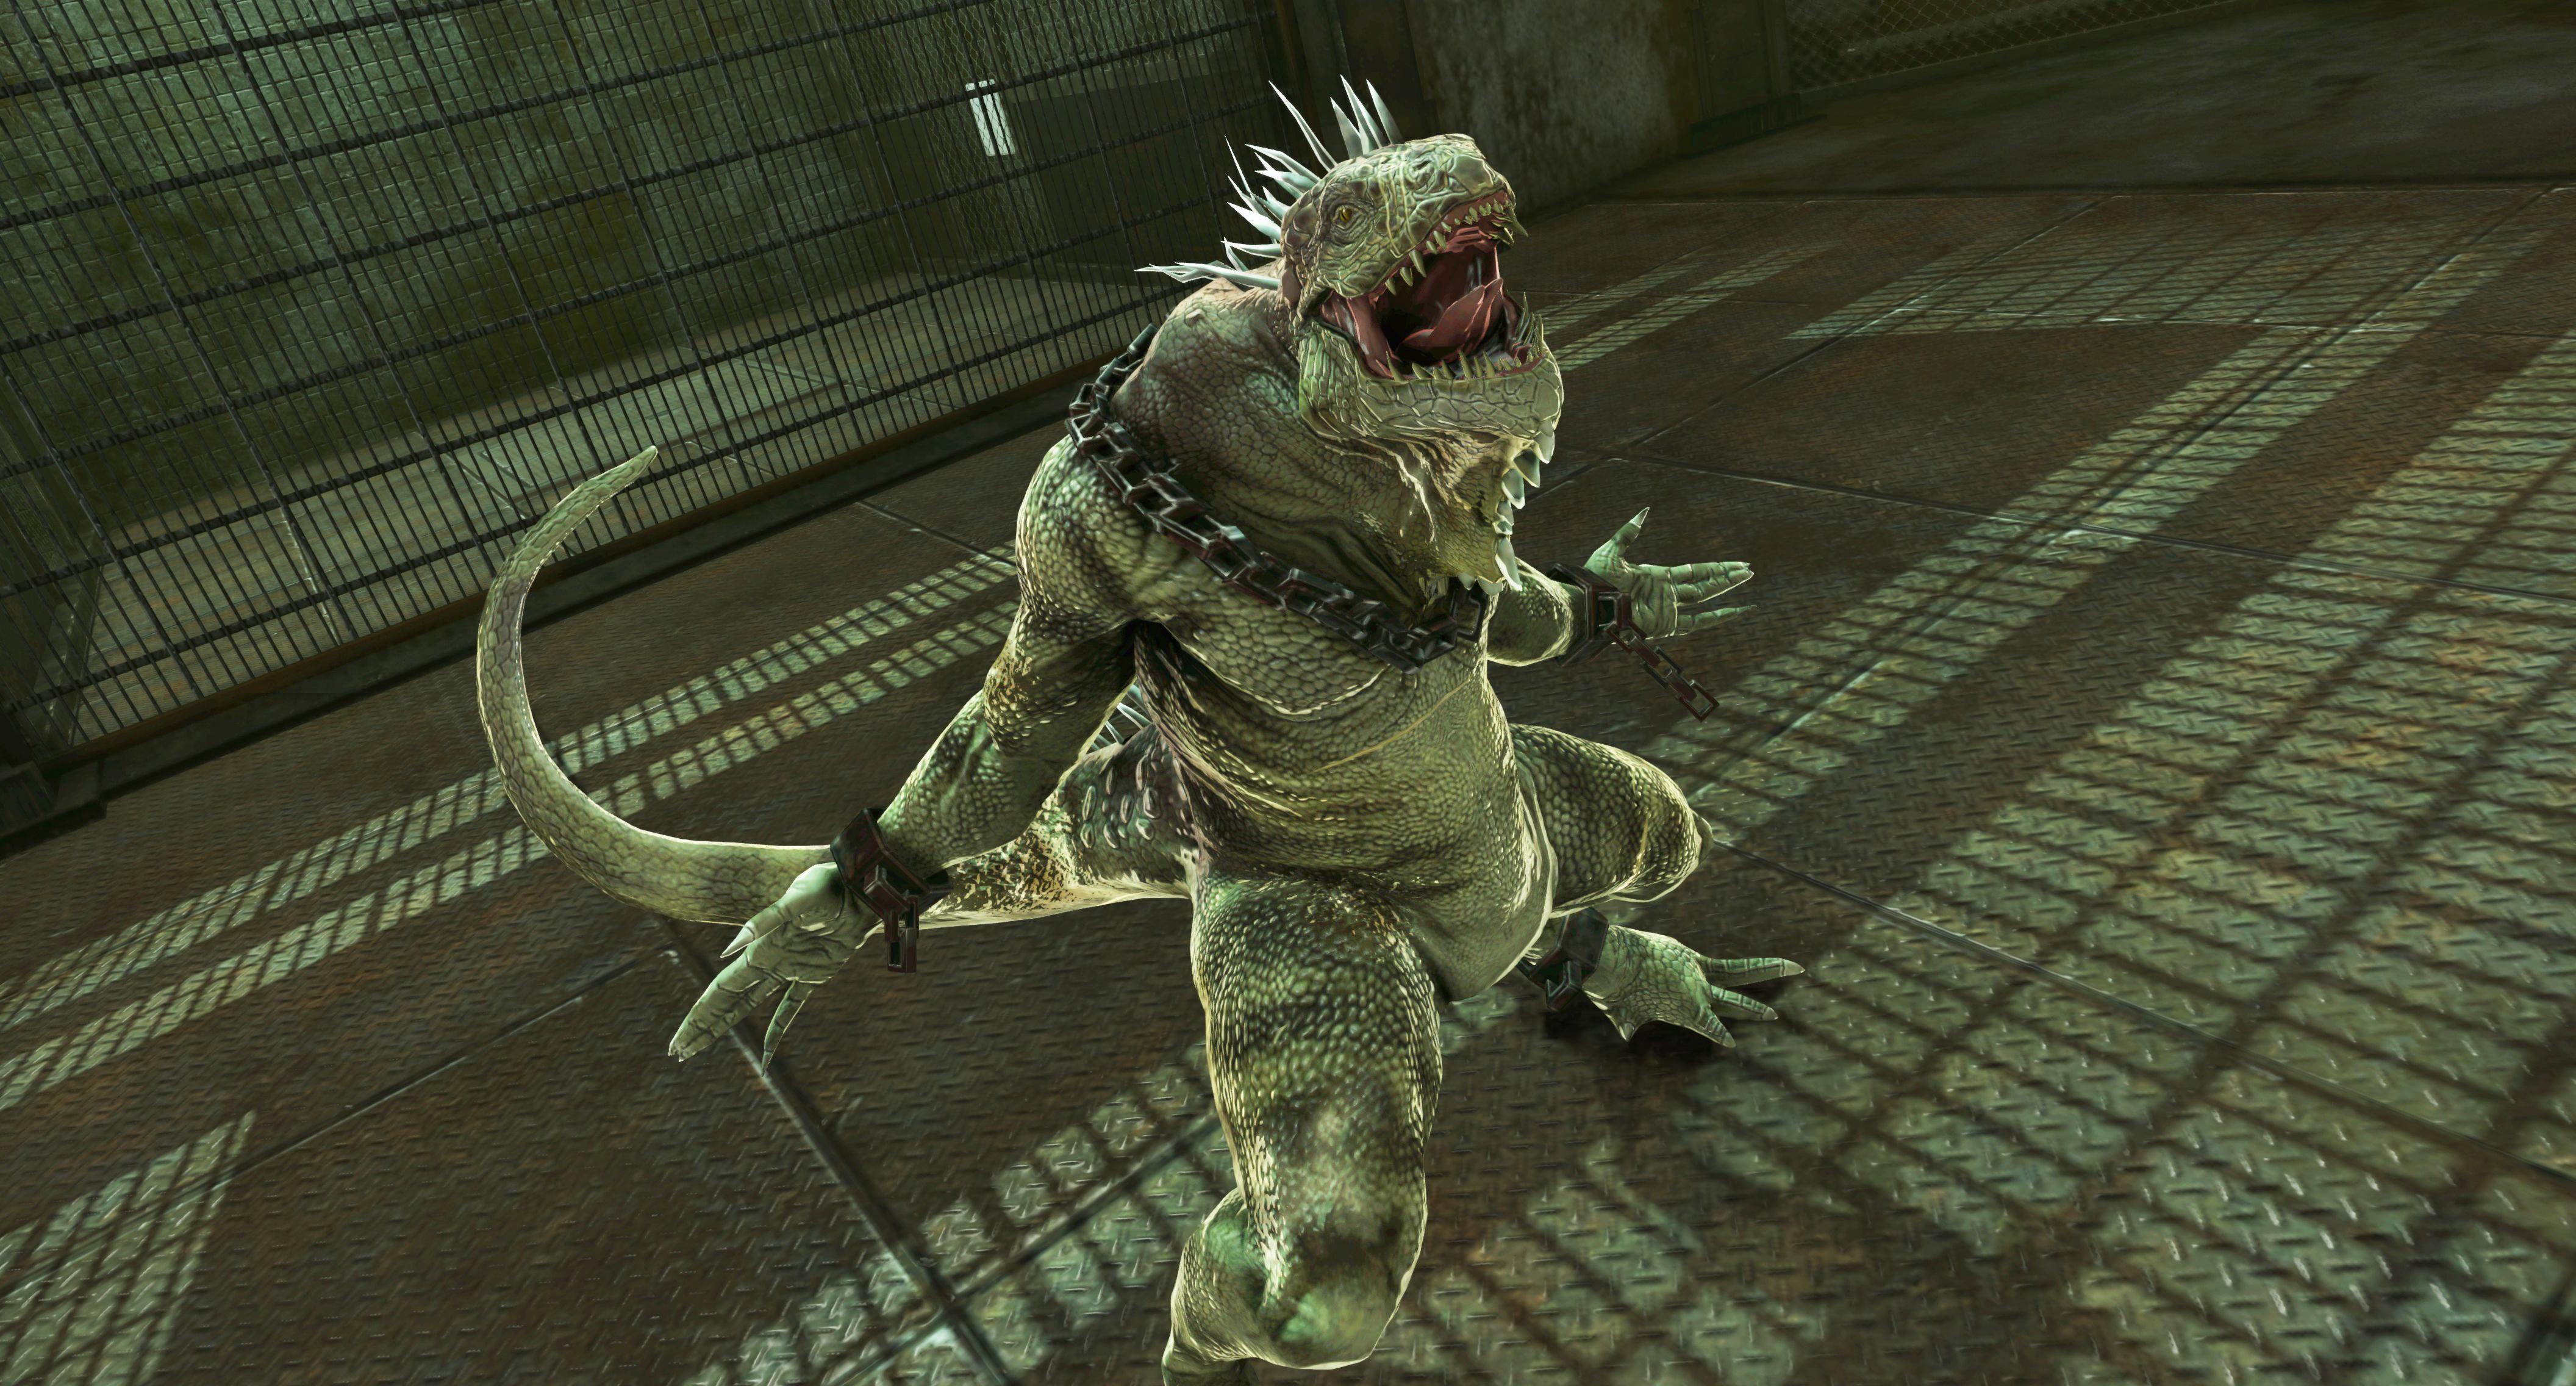 2242762-asm iguana villain shot.jpg